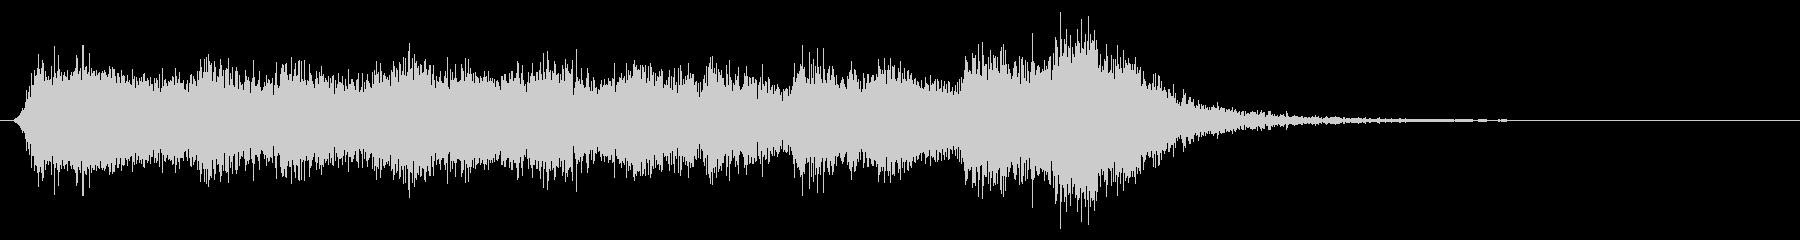 格闘!対決!ダークな管弦楽ファンファーレの未再生の波形